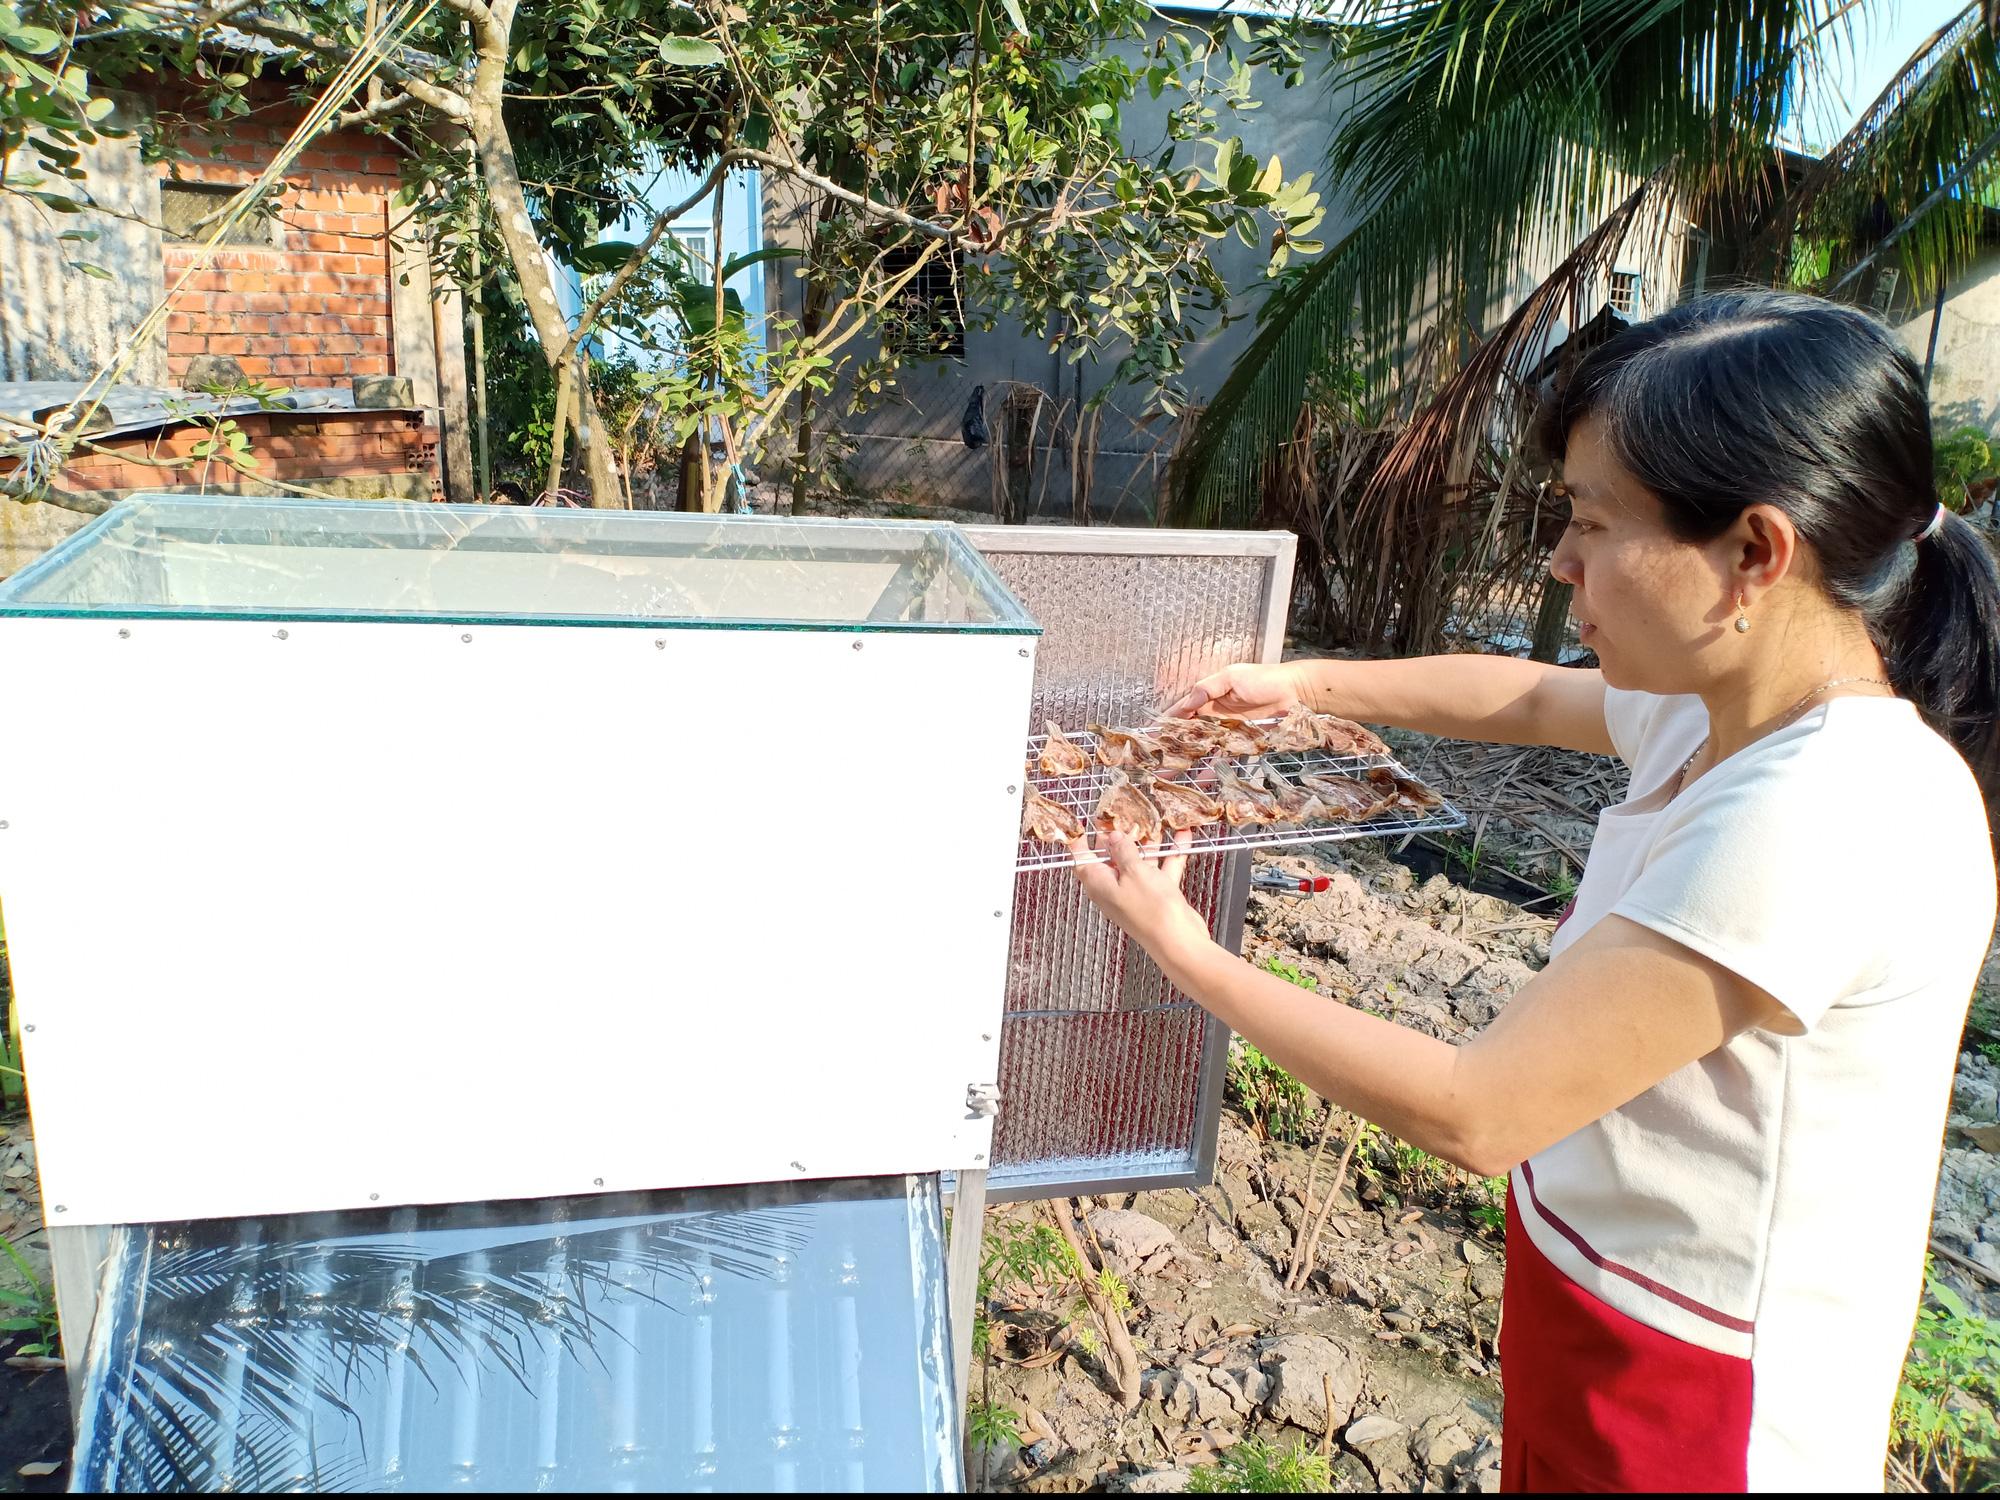 Kiên Giang: Một cô giáo làng sáng chế máy sấy tự động, sấy rau, củ, quả, cá, càng nắng to sấy càng mau khô - Ảnh 1.